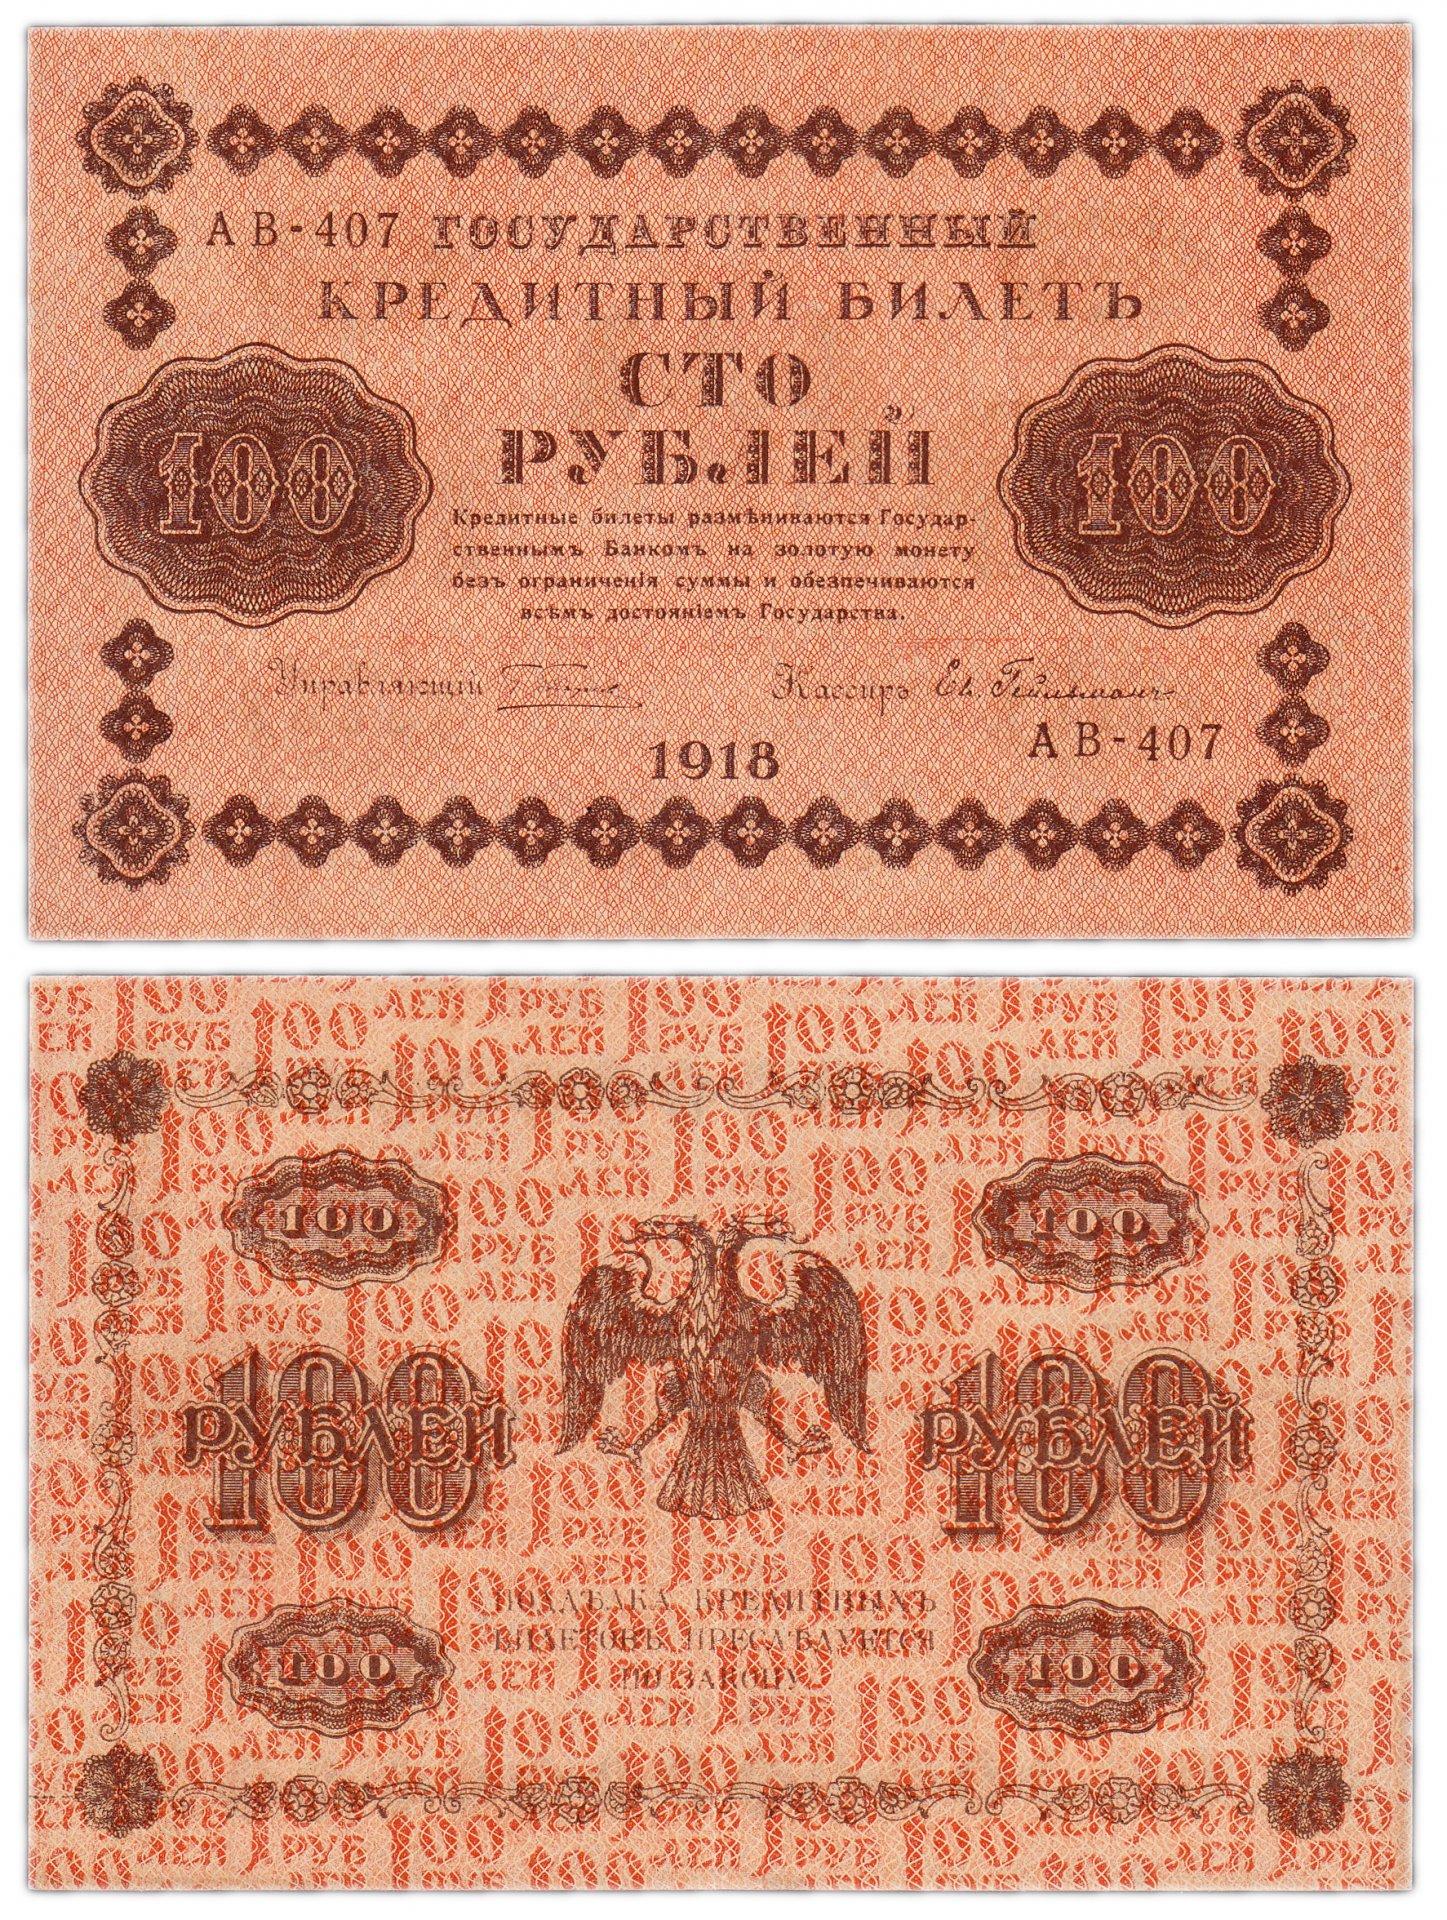 100 рублей советской России